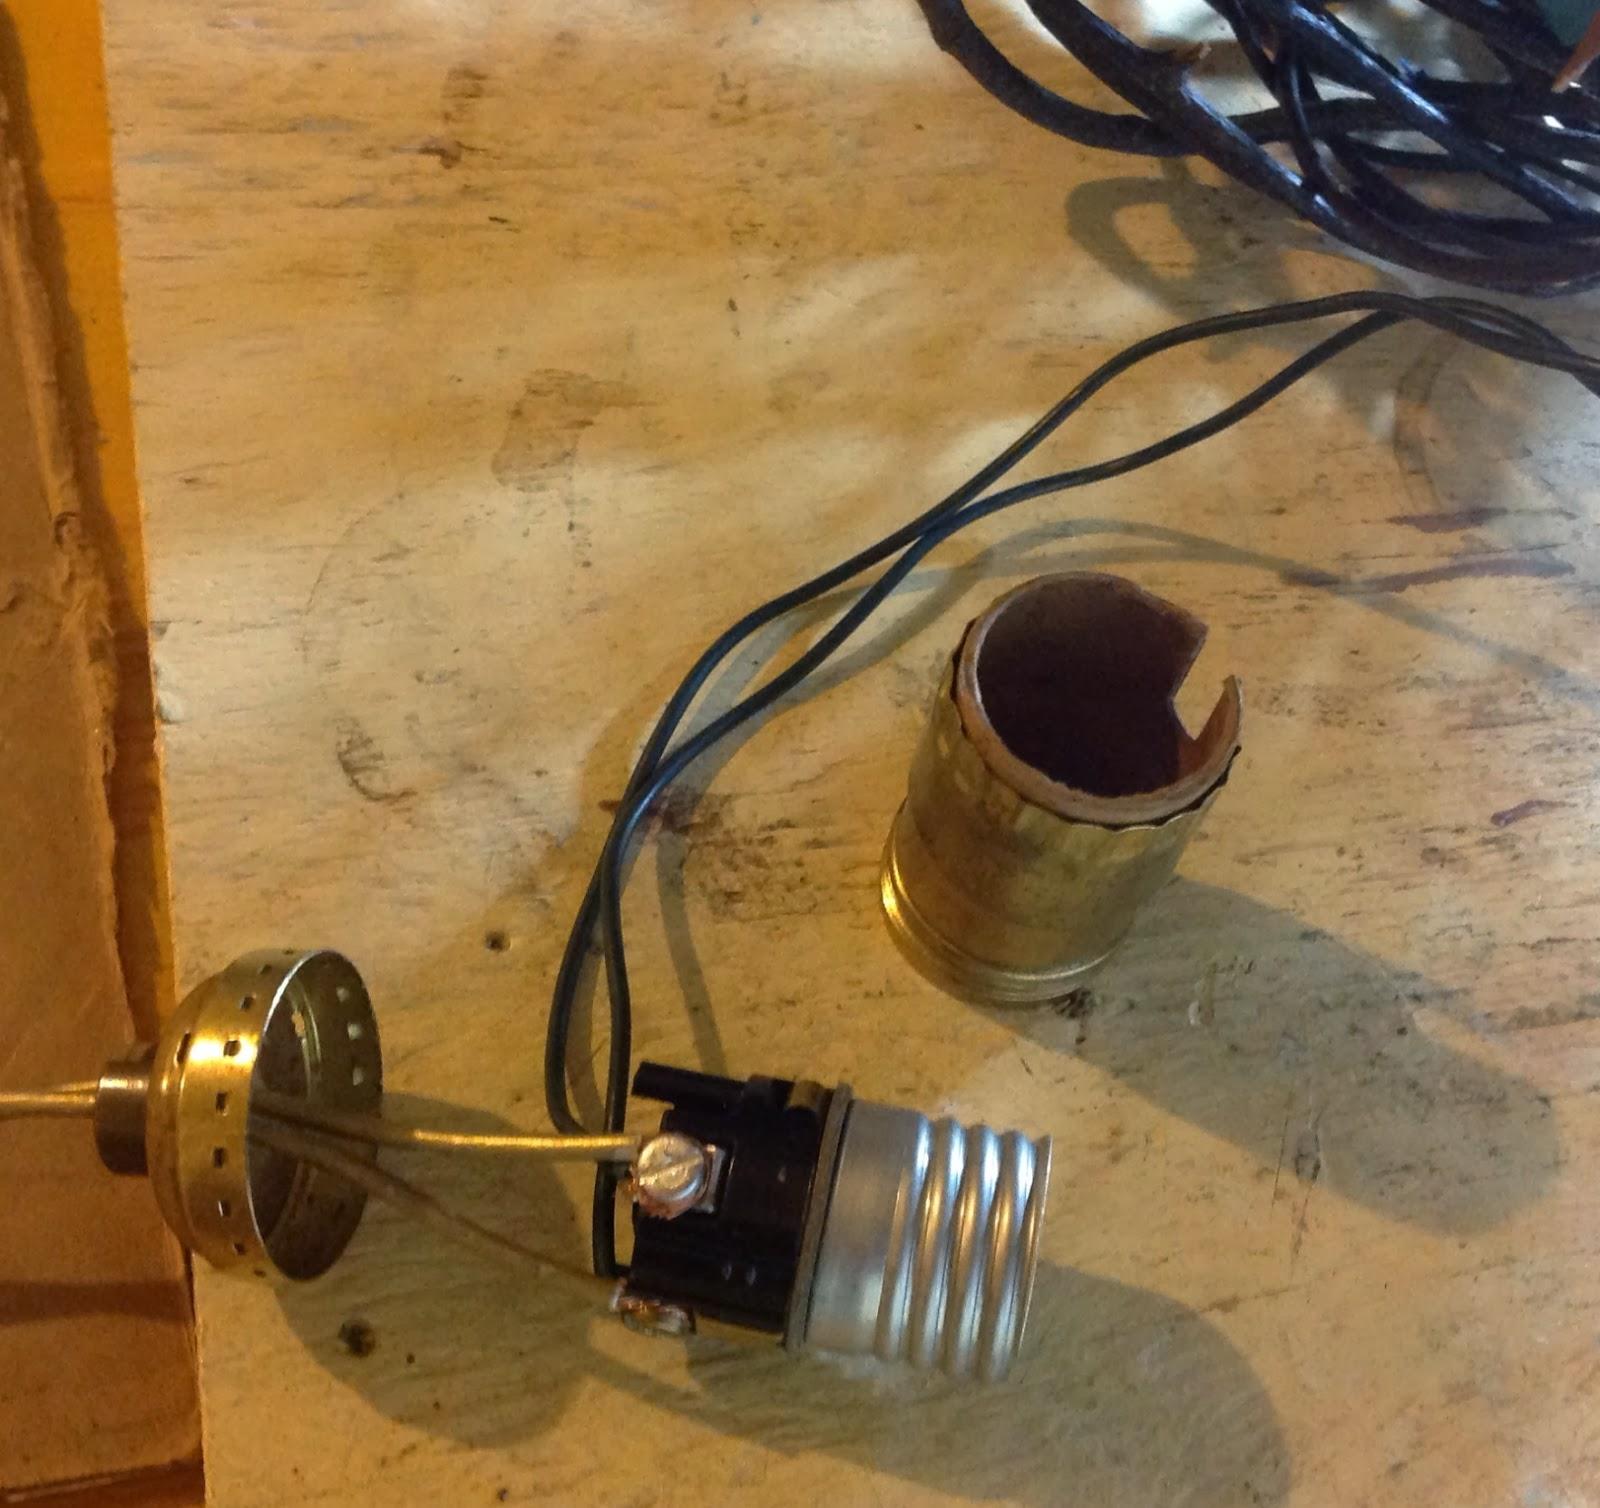 Follywood And Vine Diy Globe Light Build Rebuild Wiring Lights Together Both